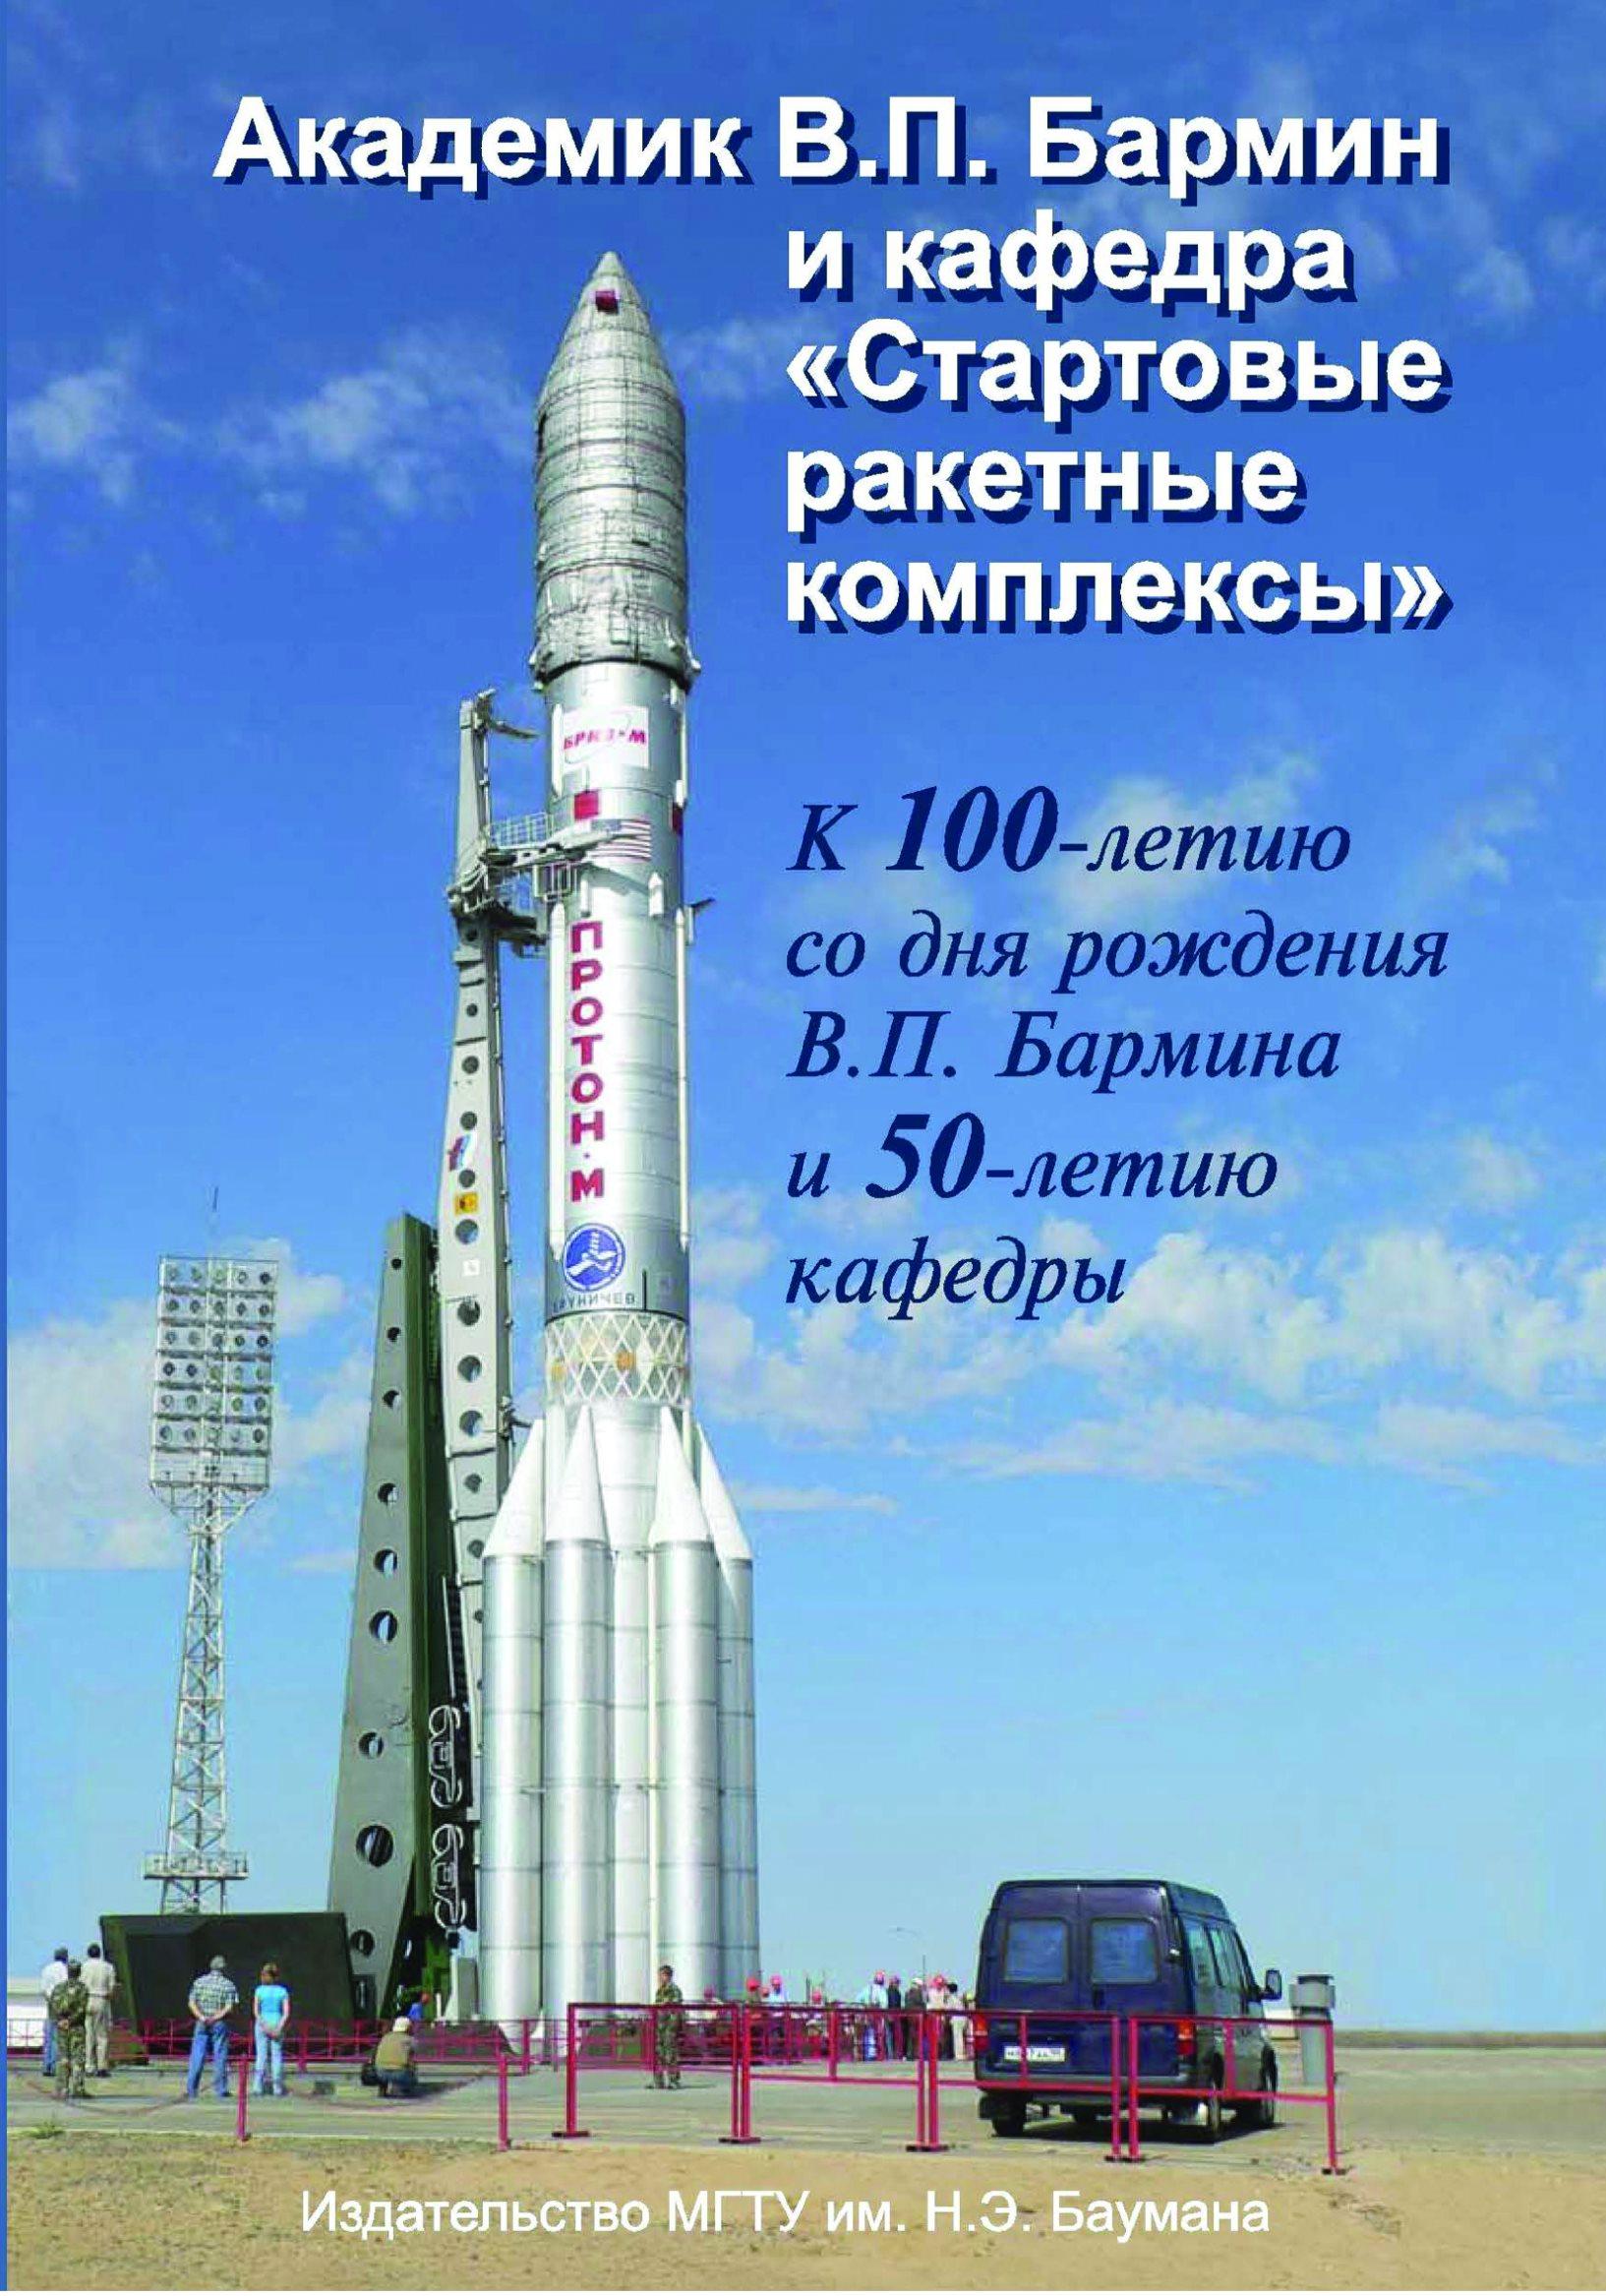 Отсутствует Академик В.П. Бармин и кафедра «Стартовые ракетные комплексы»